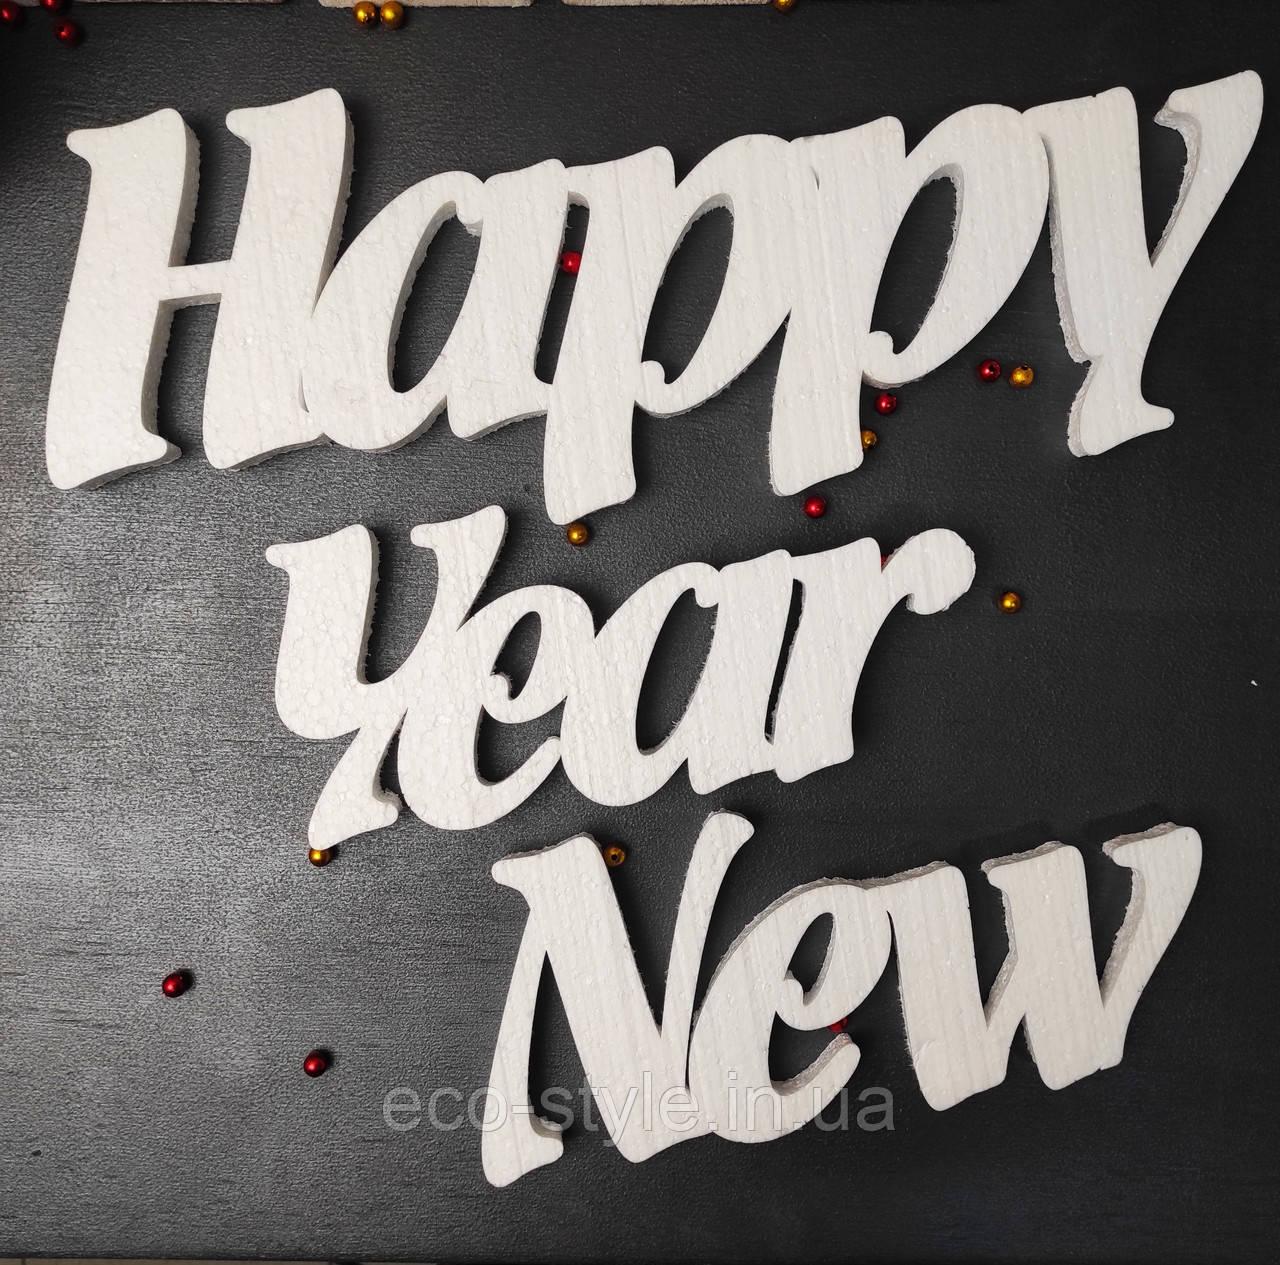 Новогодние украшения. Надпись из пенопласта